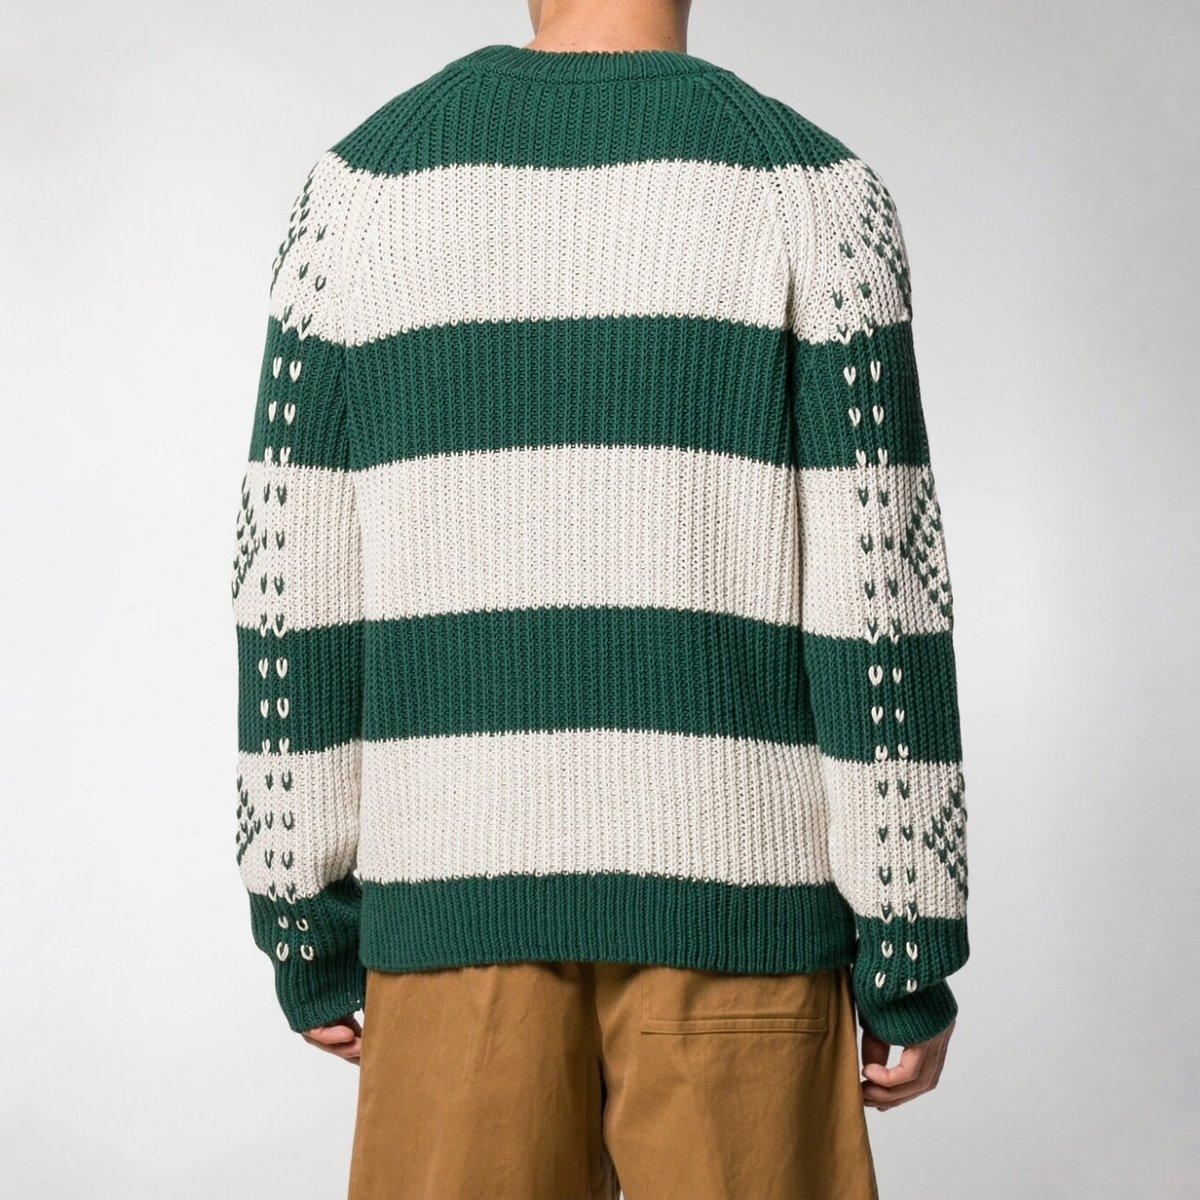 dries-van-noten-striped-knit-jumper_13658805_16670738_1000.jpg